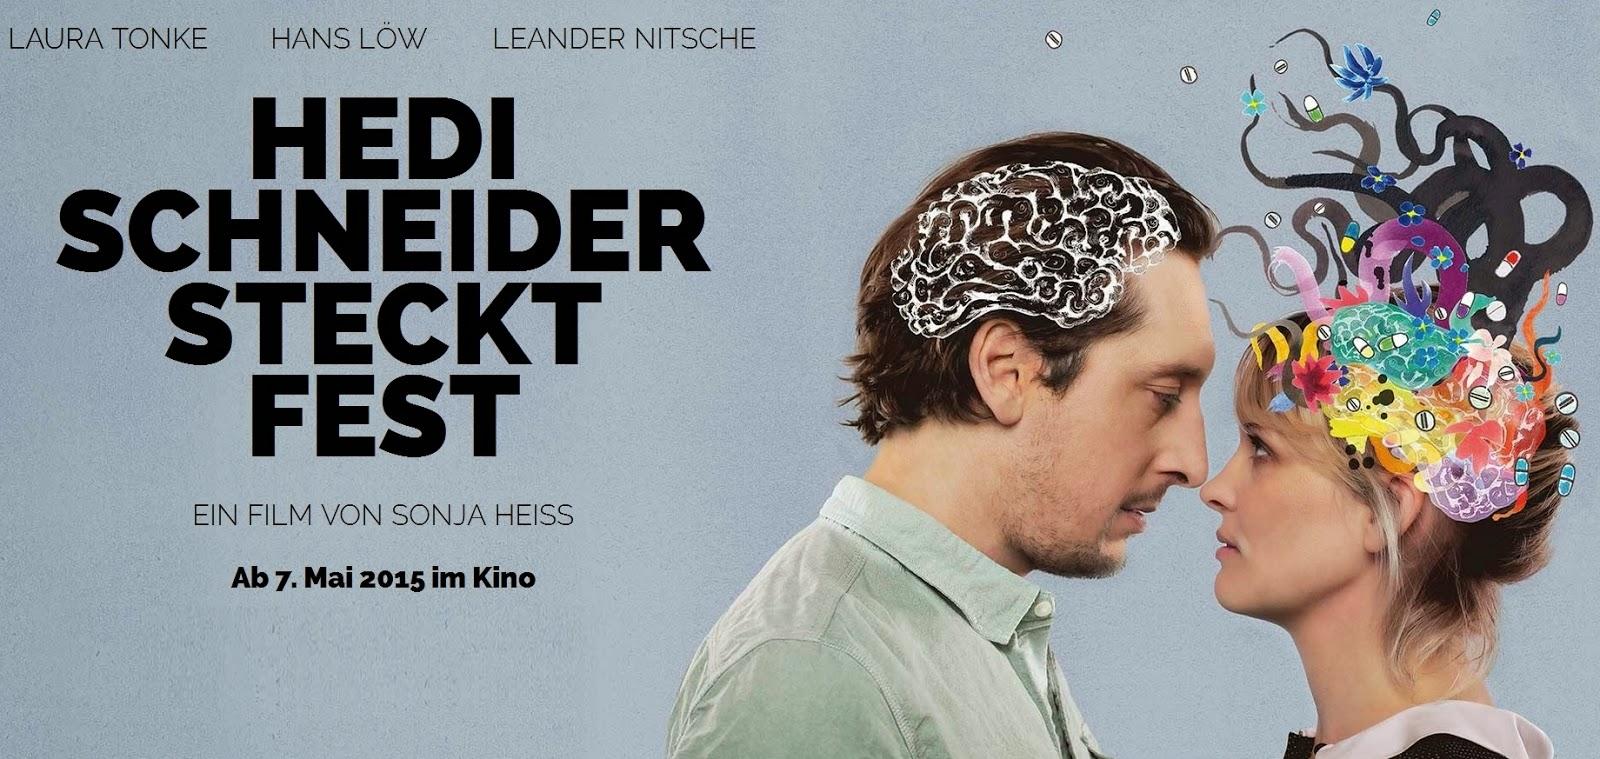 Heidi Schneider Steckt Fest